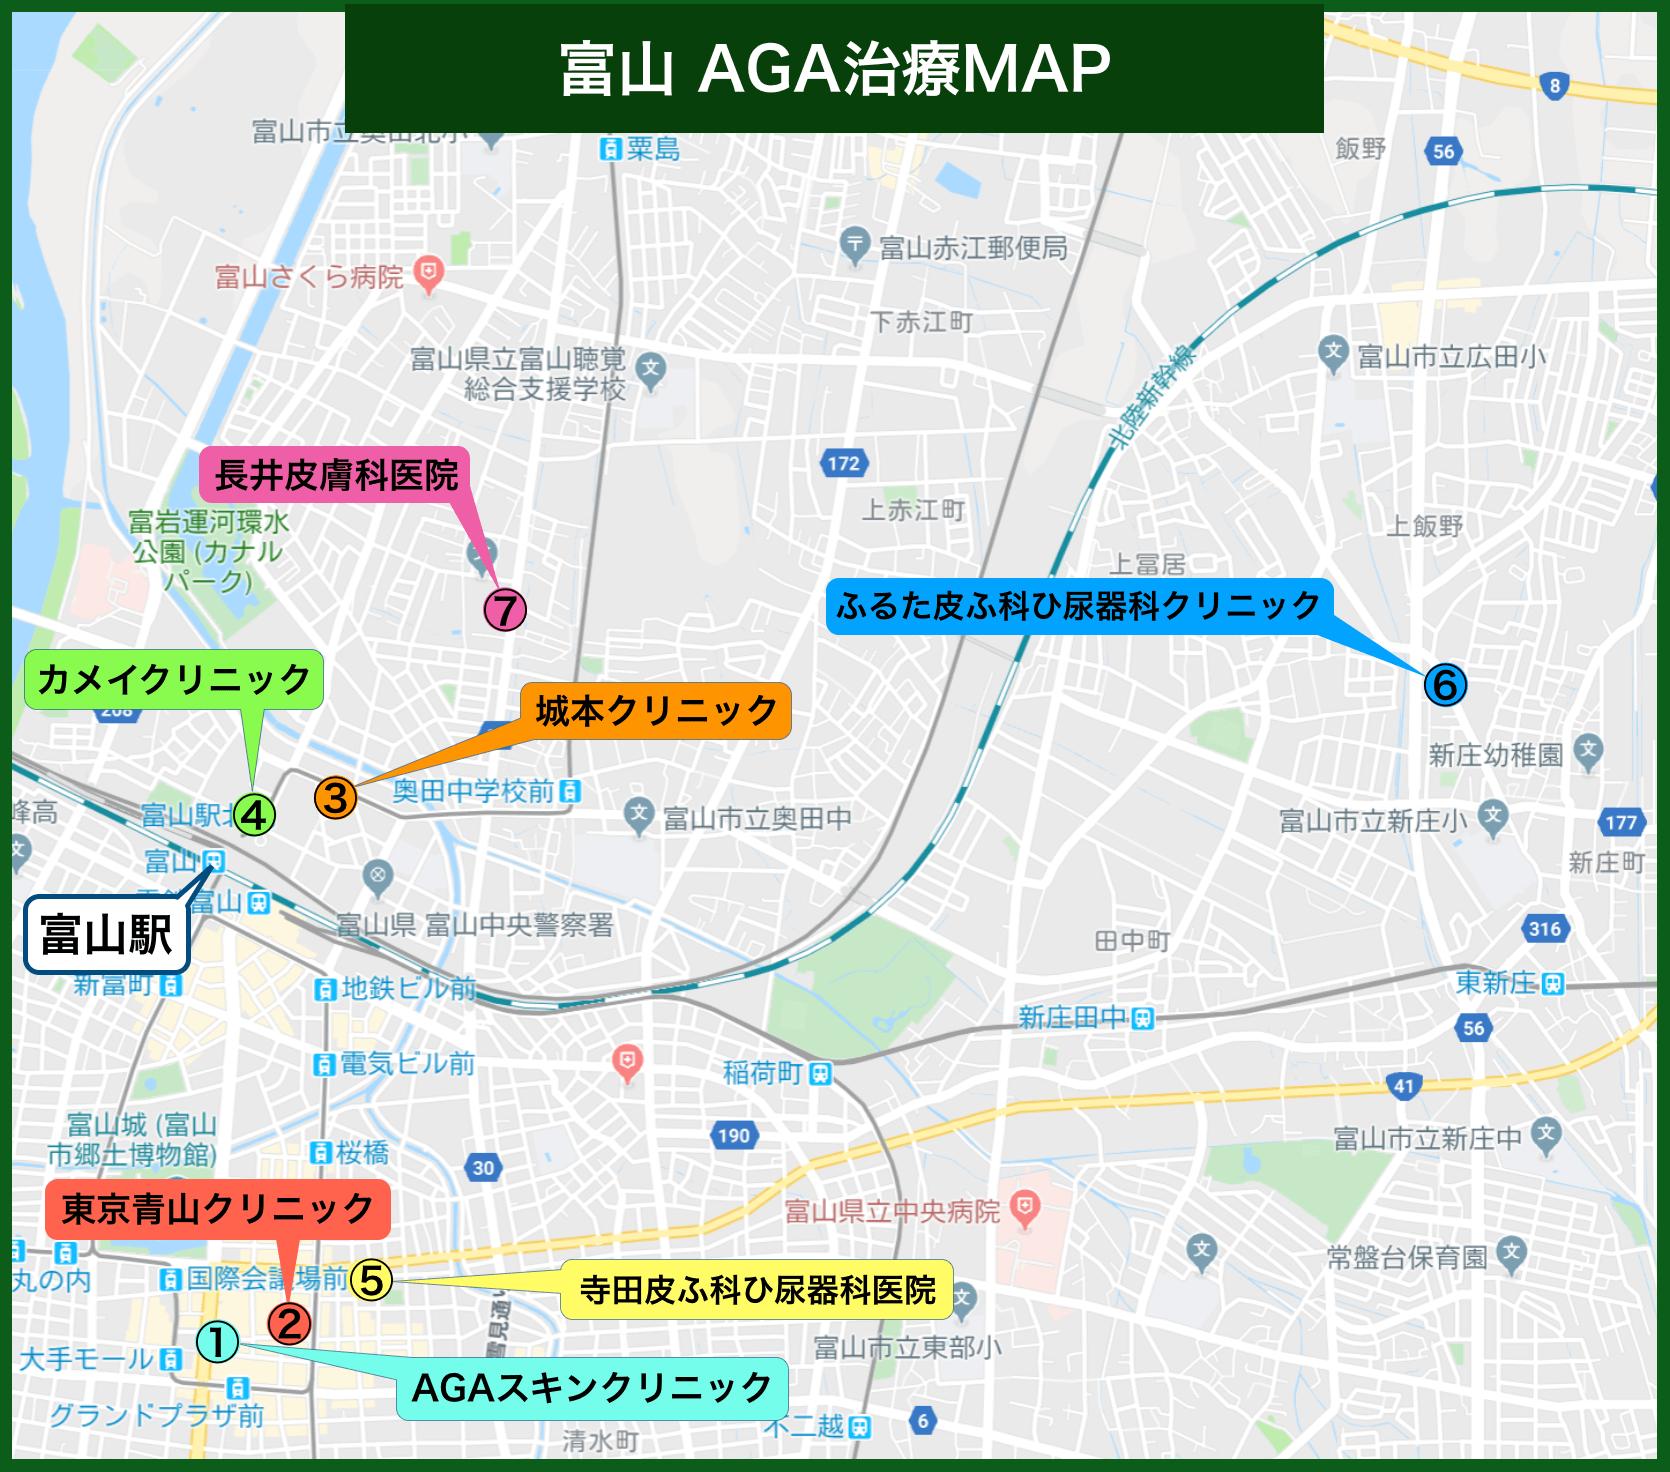 富山AGA治療MAP